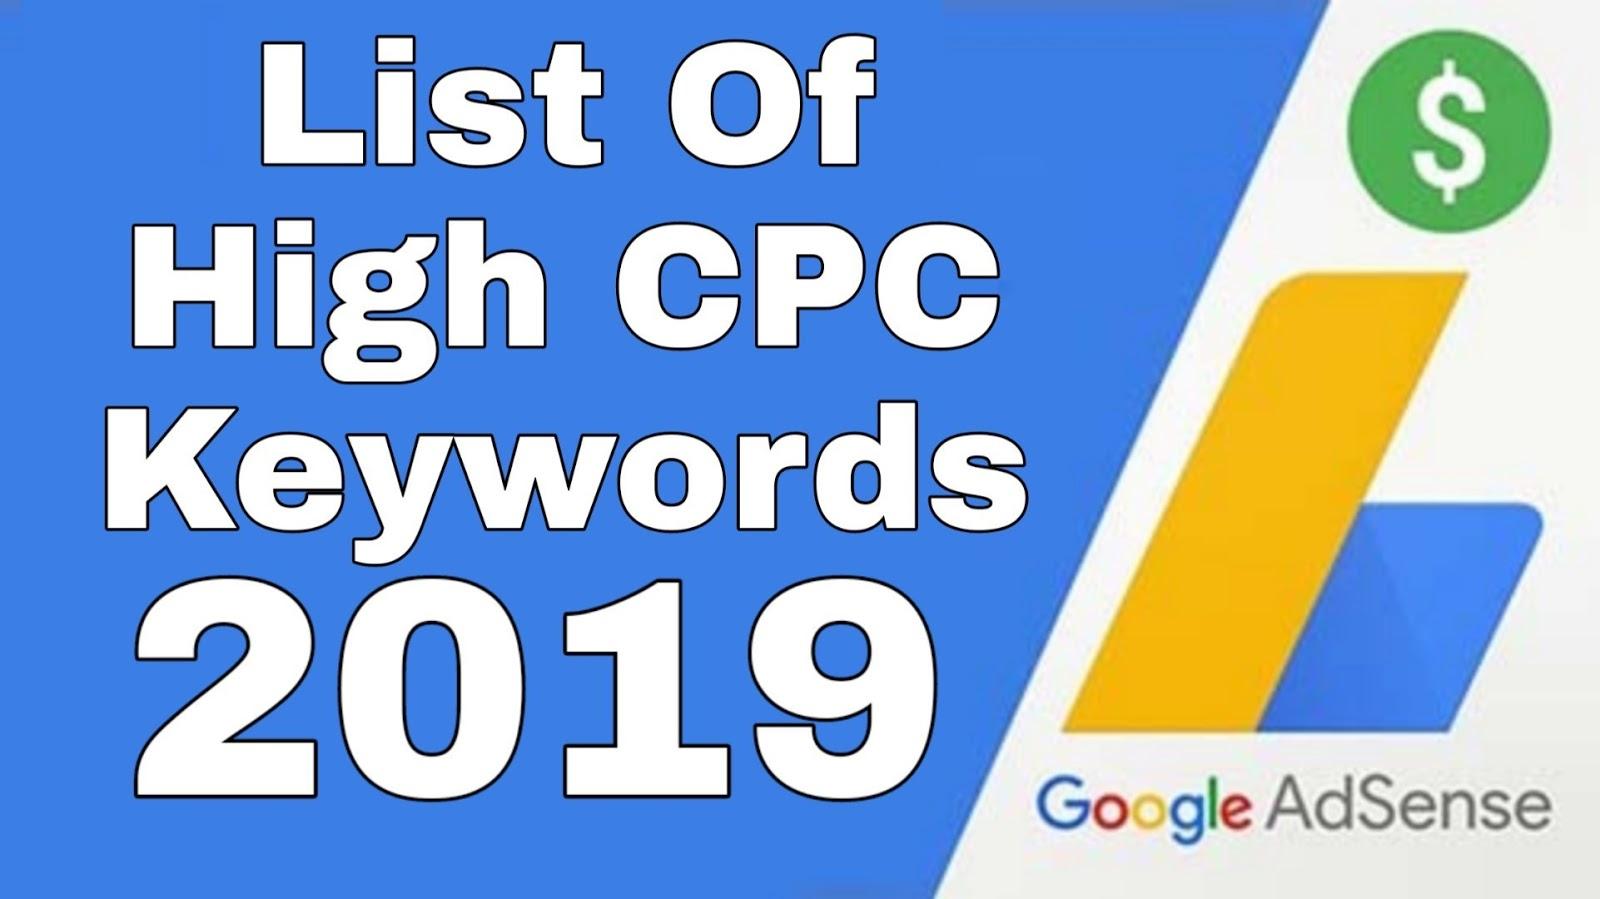 Google Adsense Highest CPC Keywords List 2019 - Newpixelzone